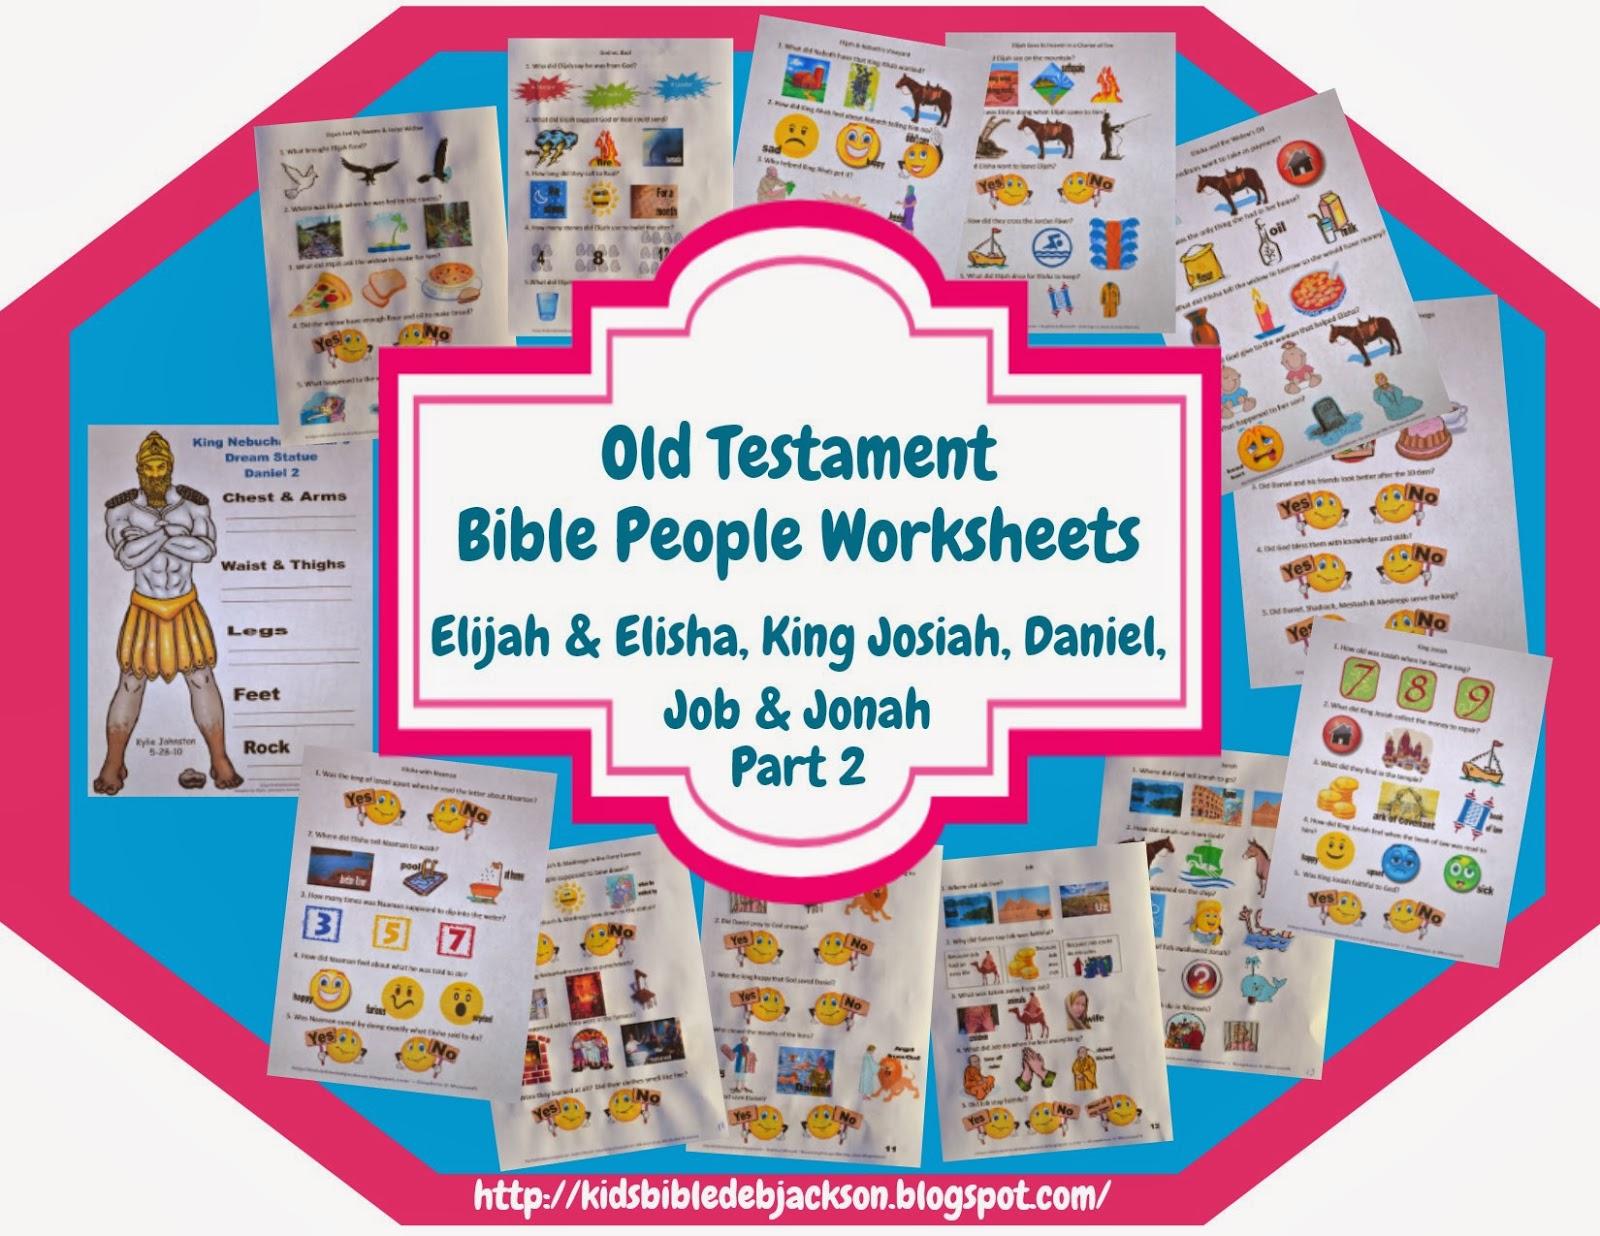 http://kidsbibledebjackson.blogspot.com/2014/01/old-testament-bible-people-worksheets.html